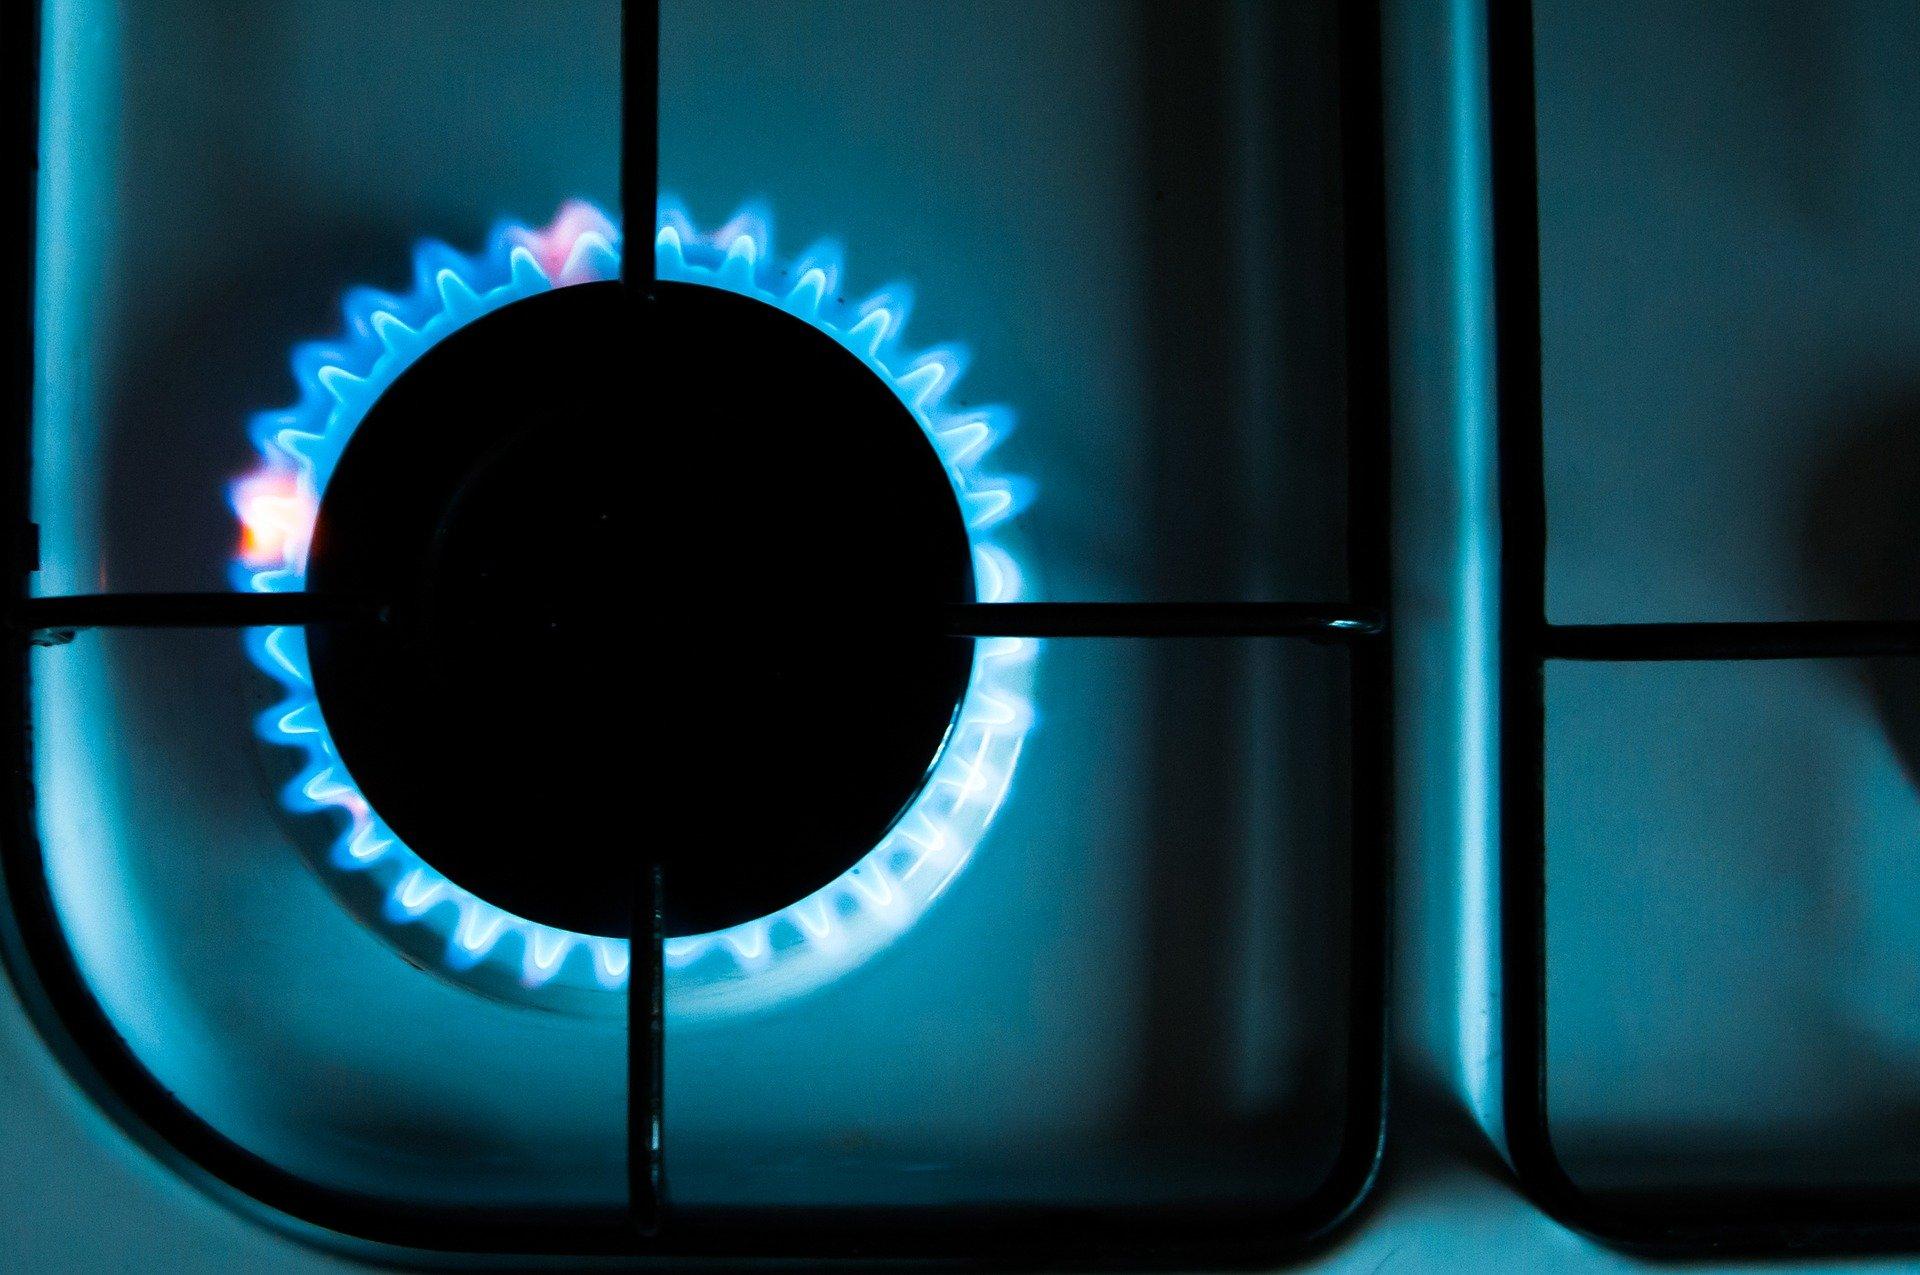 Газпром и Минэнерго определи критерий для бесплатного подключения домов к газоснабжению - фото 1